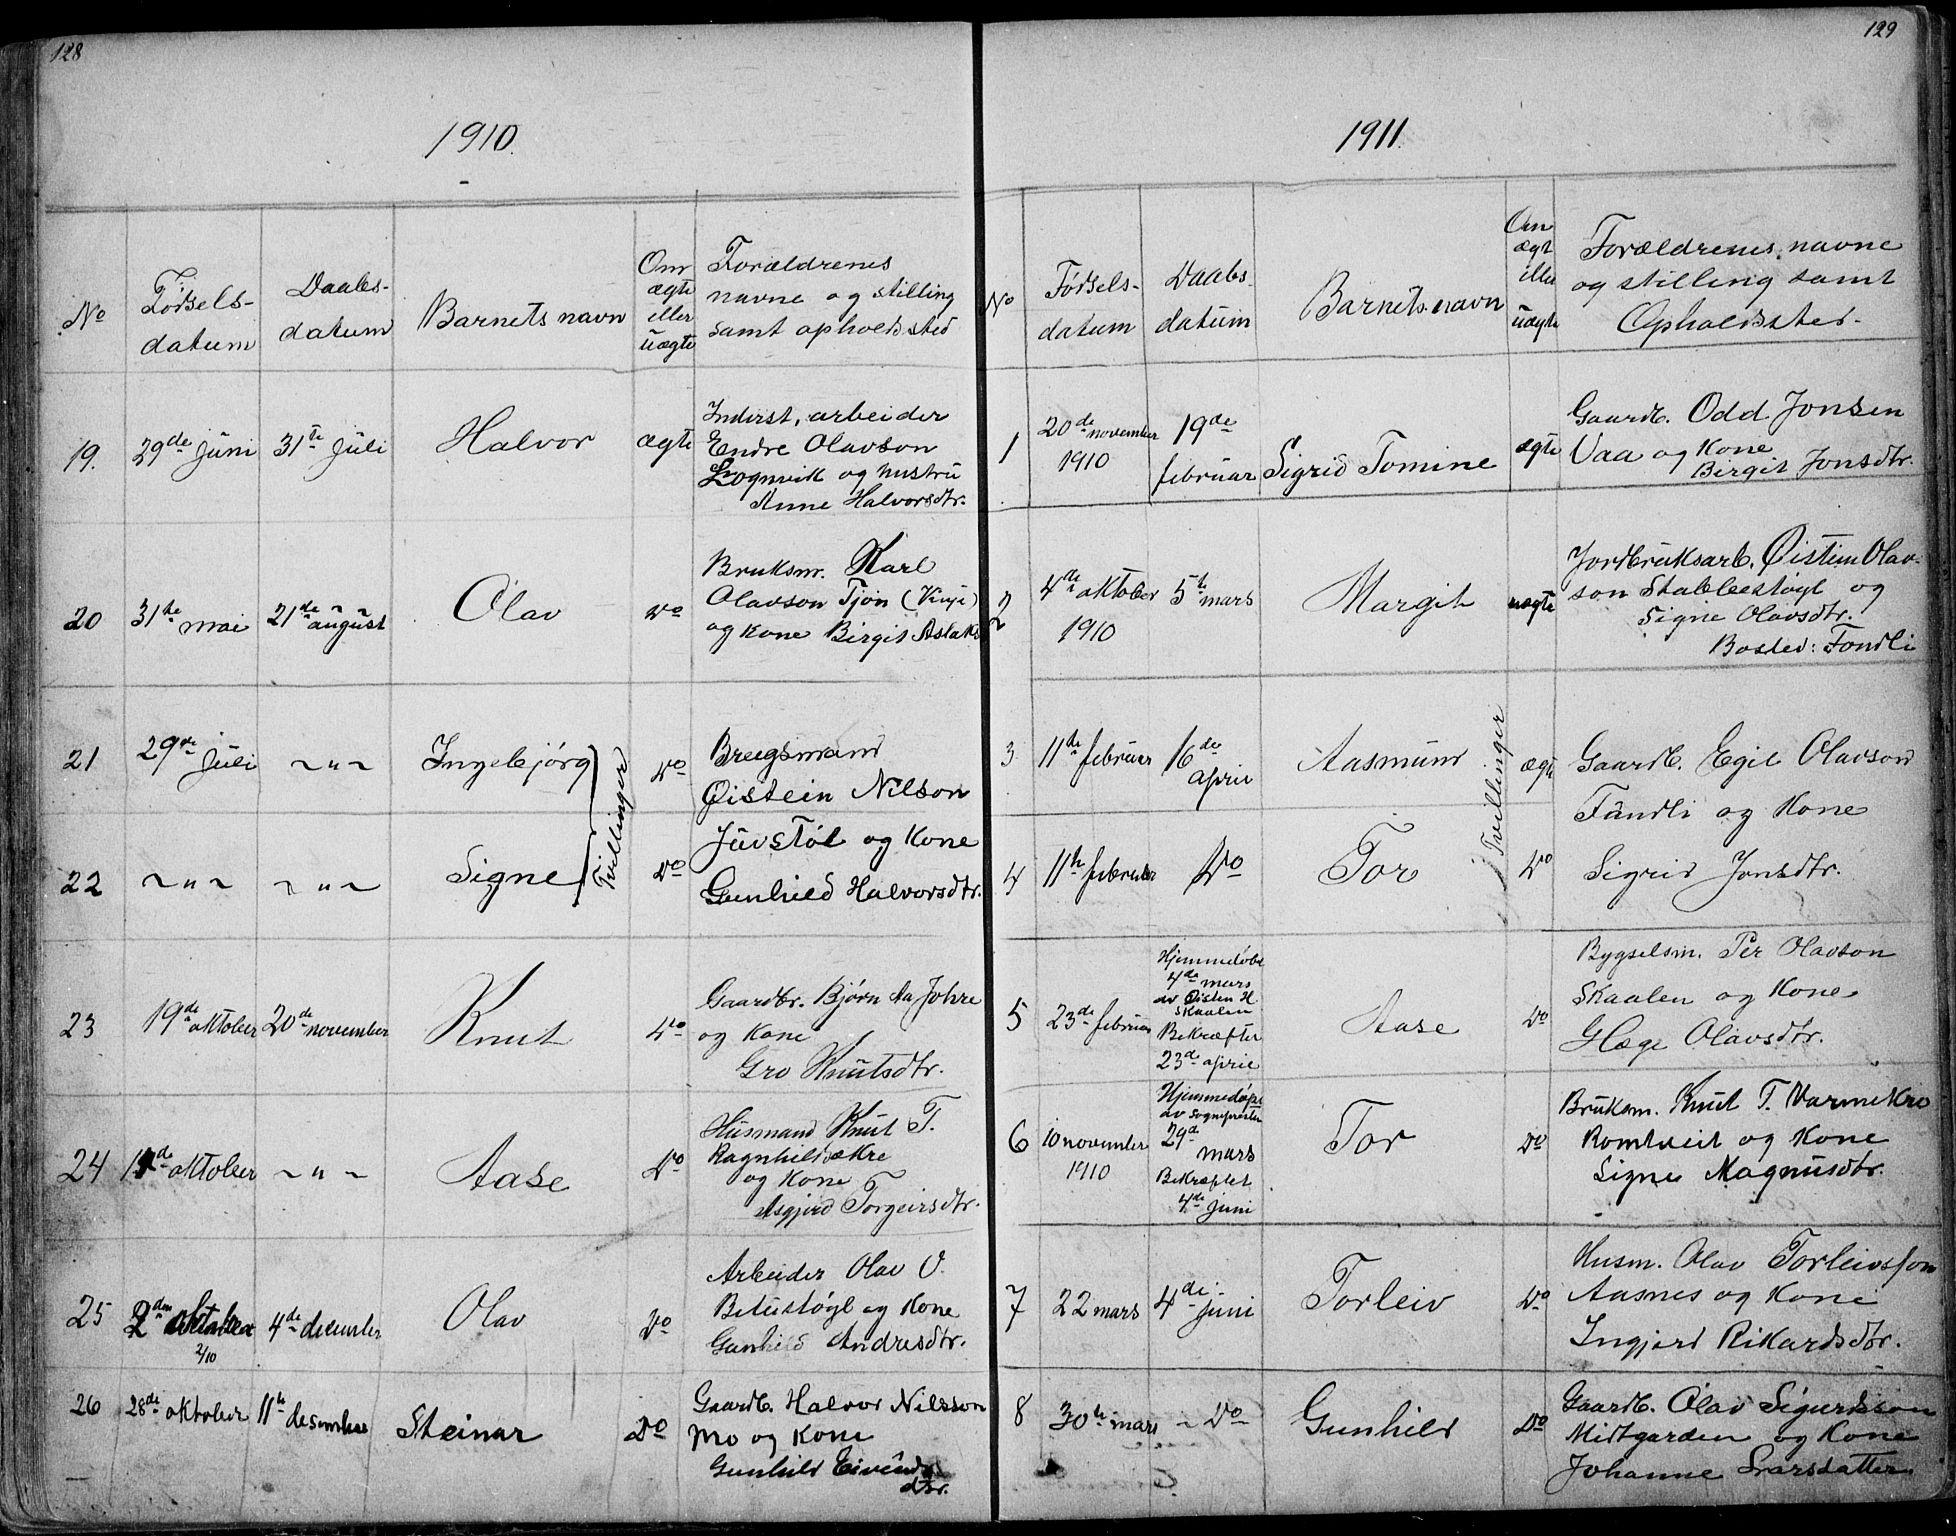 SAKO, Rauland kirkebøker, G/Ga/L0002: Klokkerbok nr. I 2, 1849-1935, s. 128-129